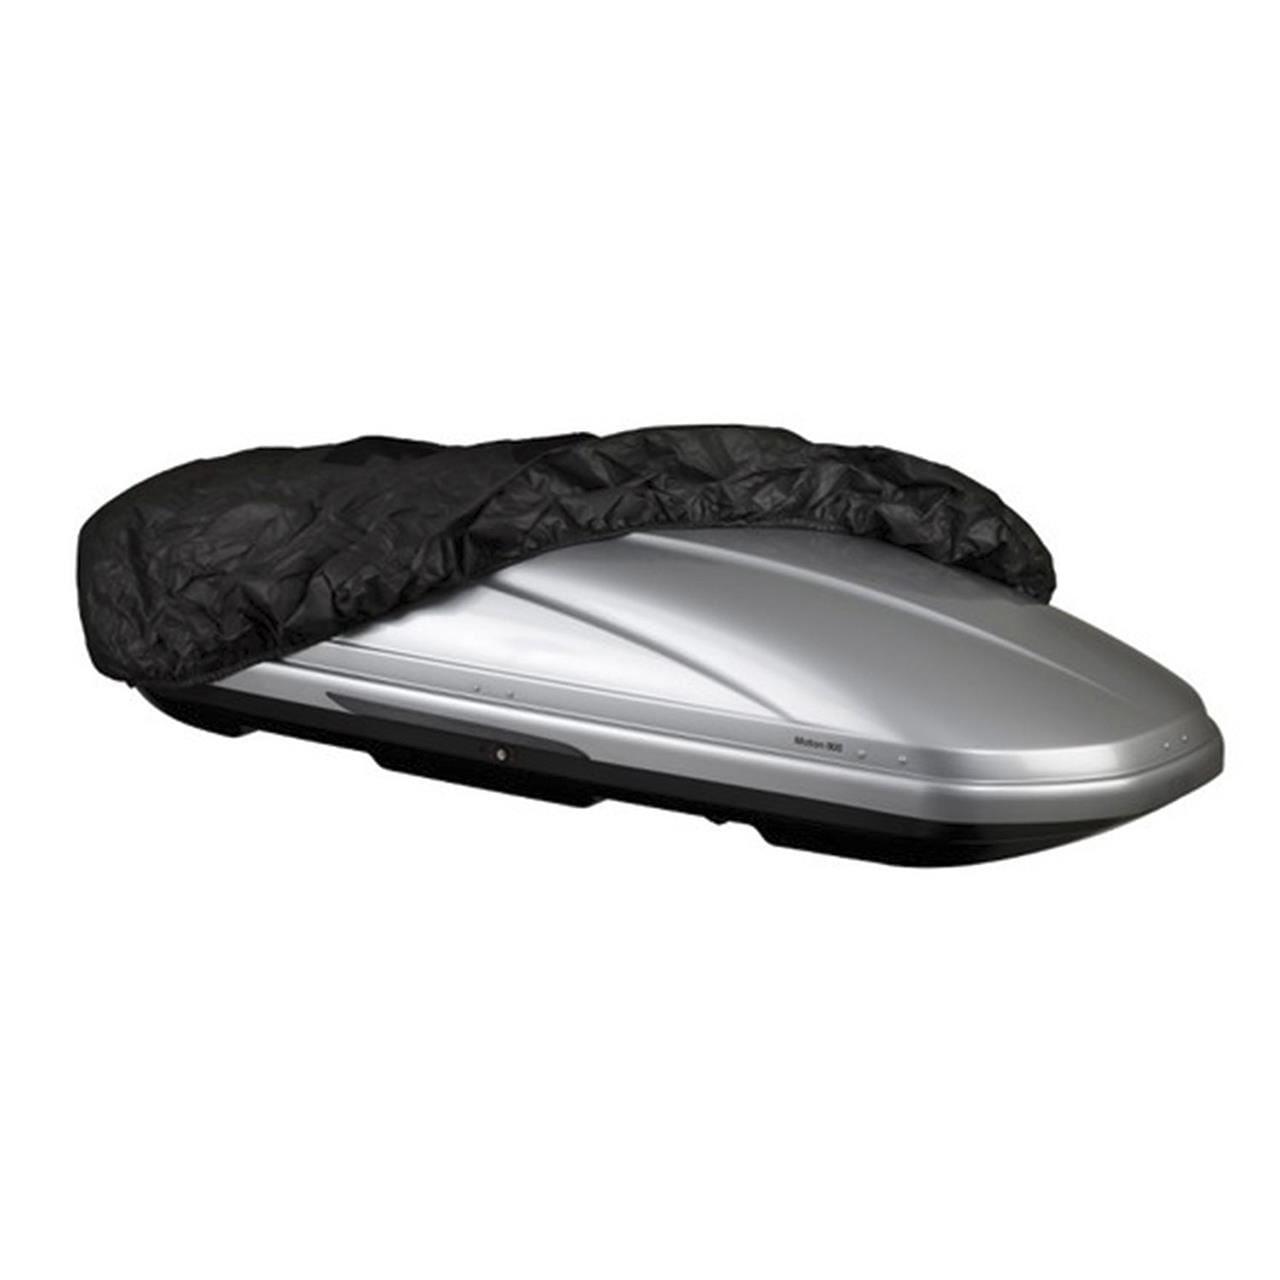 Husa de protectie pentru cutiile portbagaj Thule Box Lid Cover 6982 2